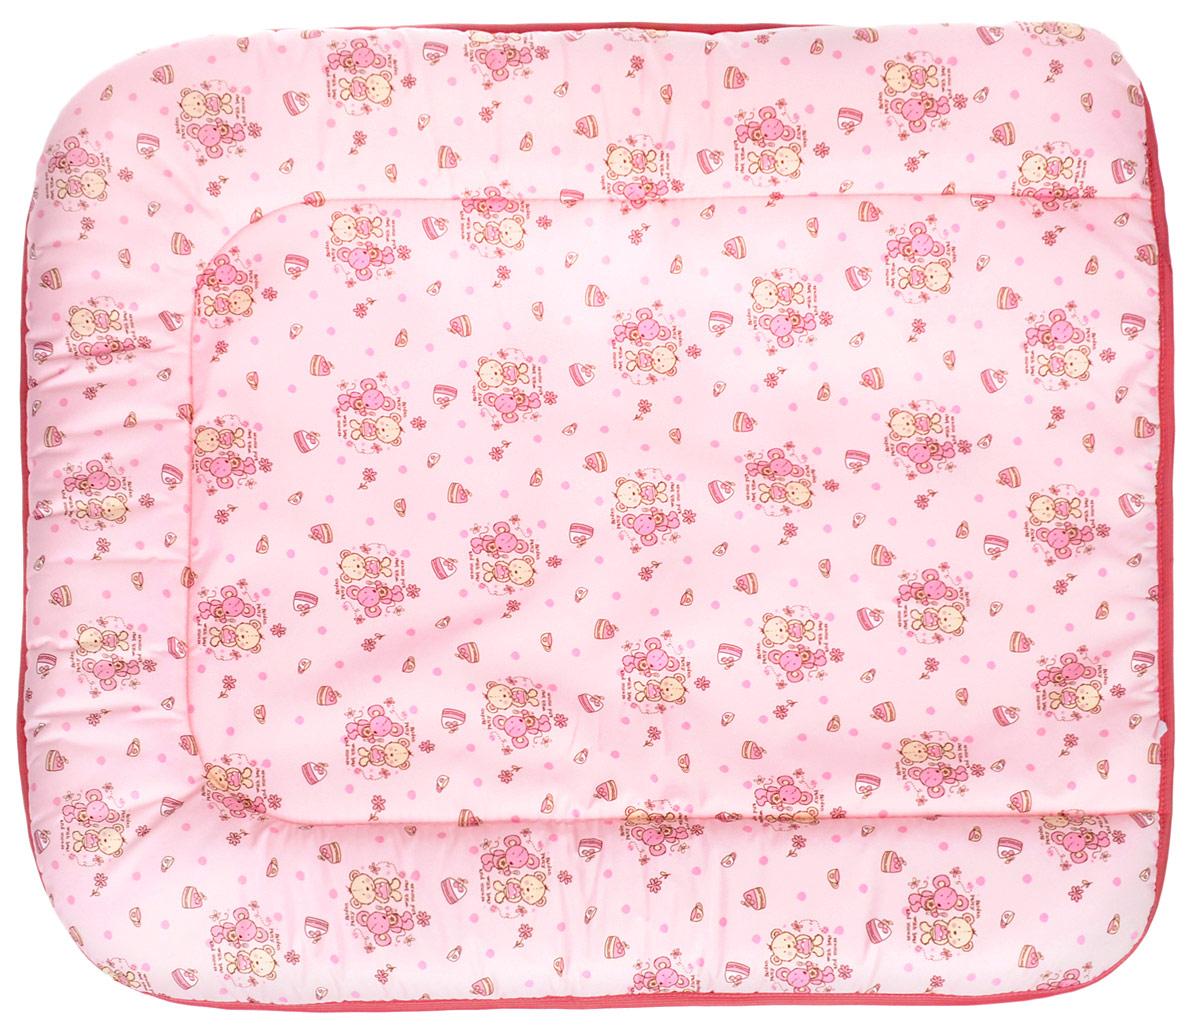 Фея Доска пеленальная на комод Животные цвет светло-розовый -  Позиционеры, матрасы для пеленания